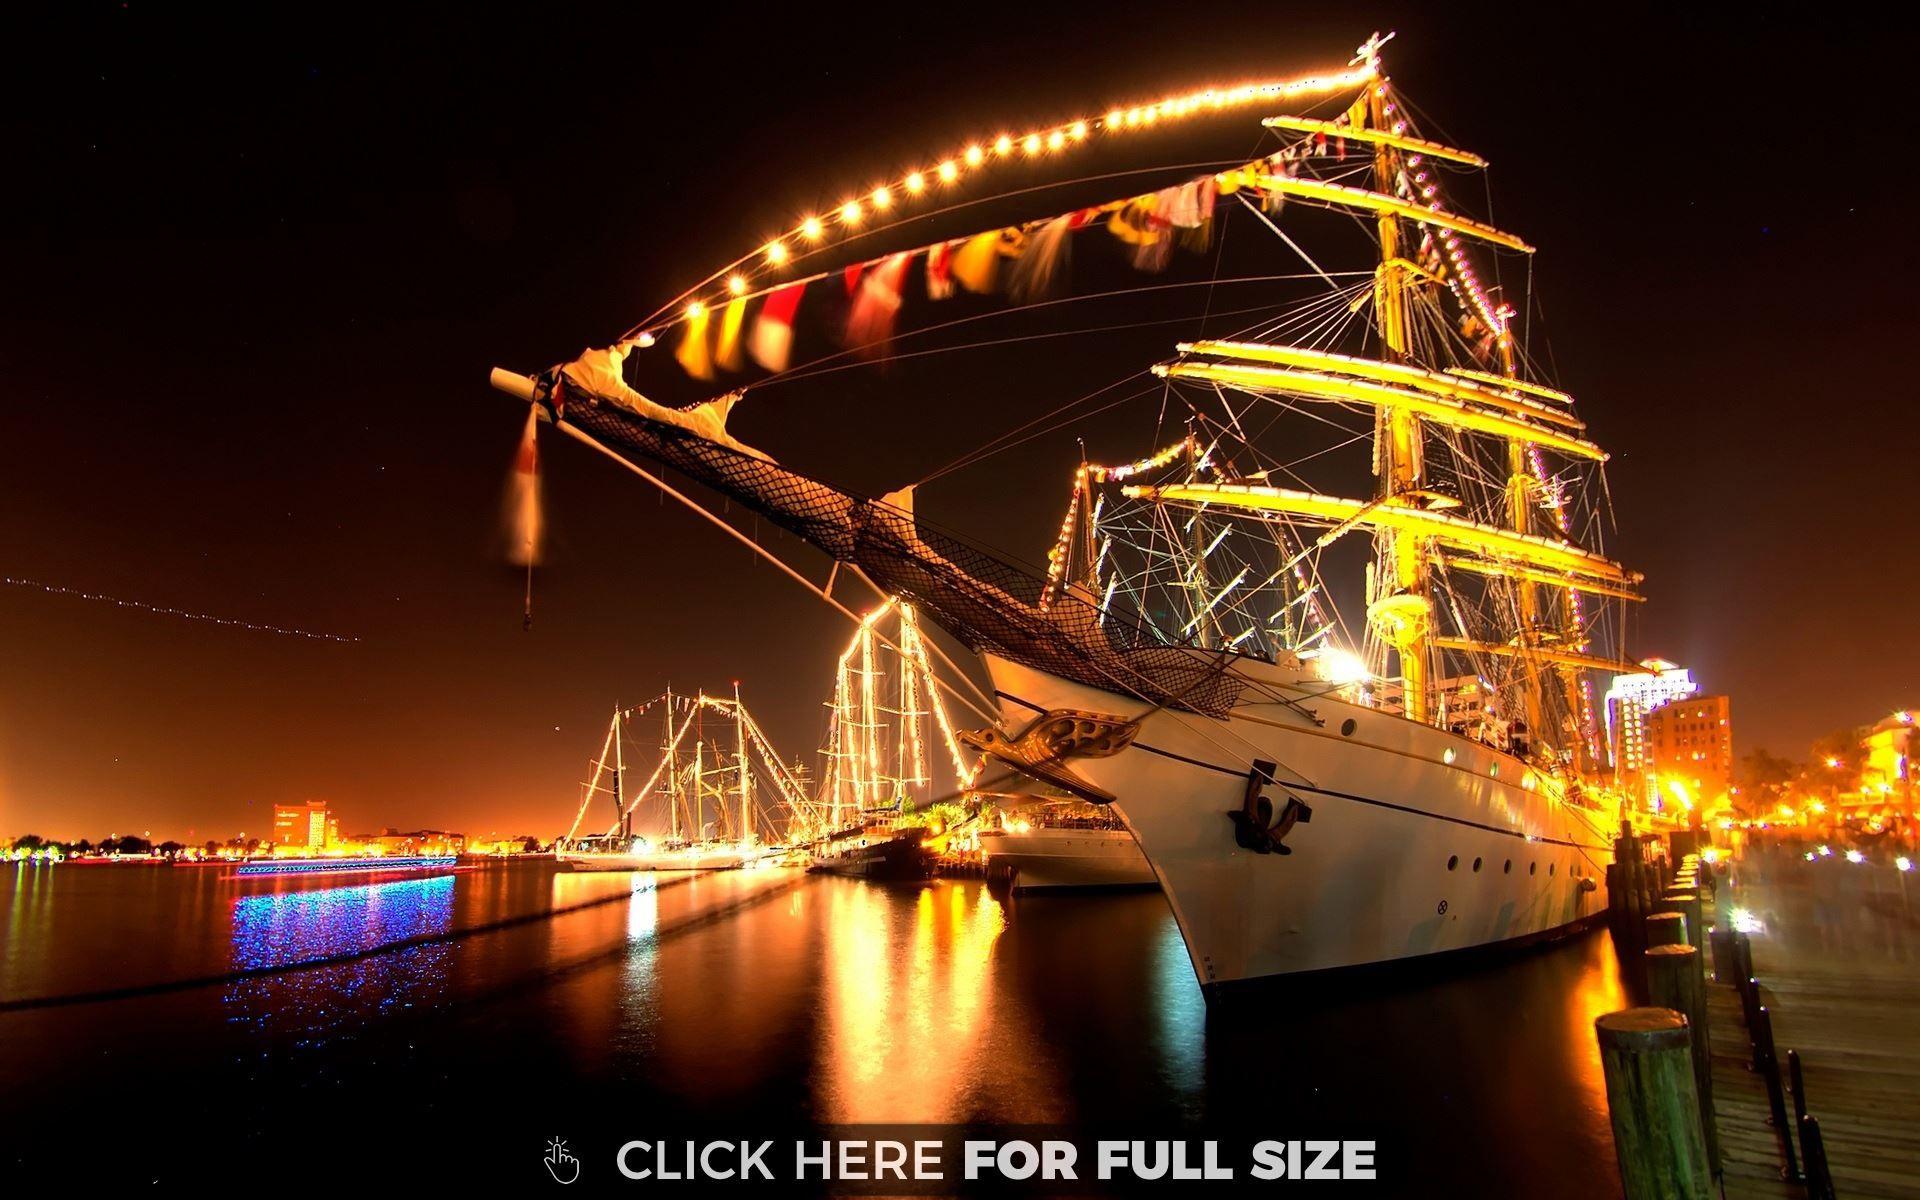 Night Ship Sailing Ships Power Boats Sailing